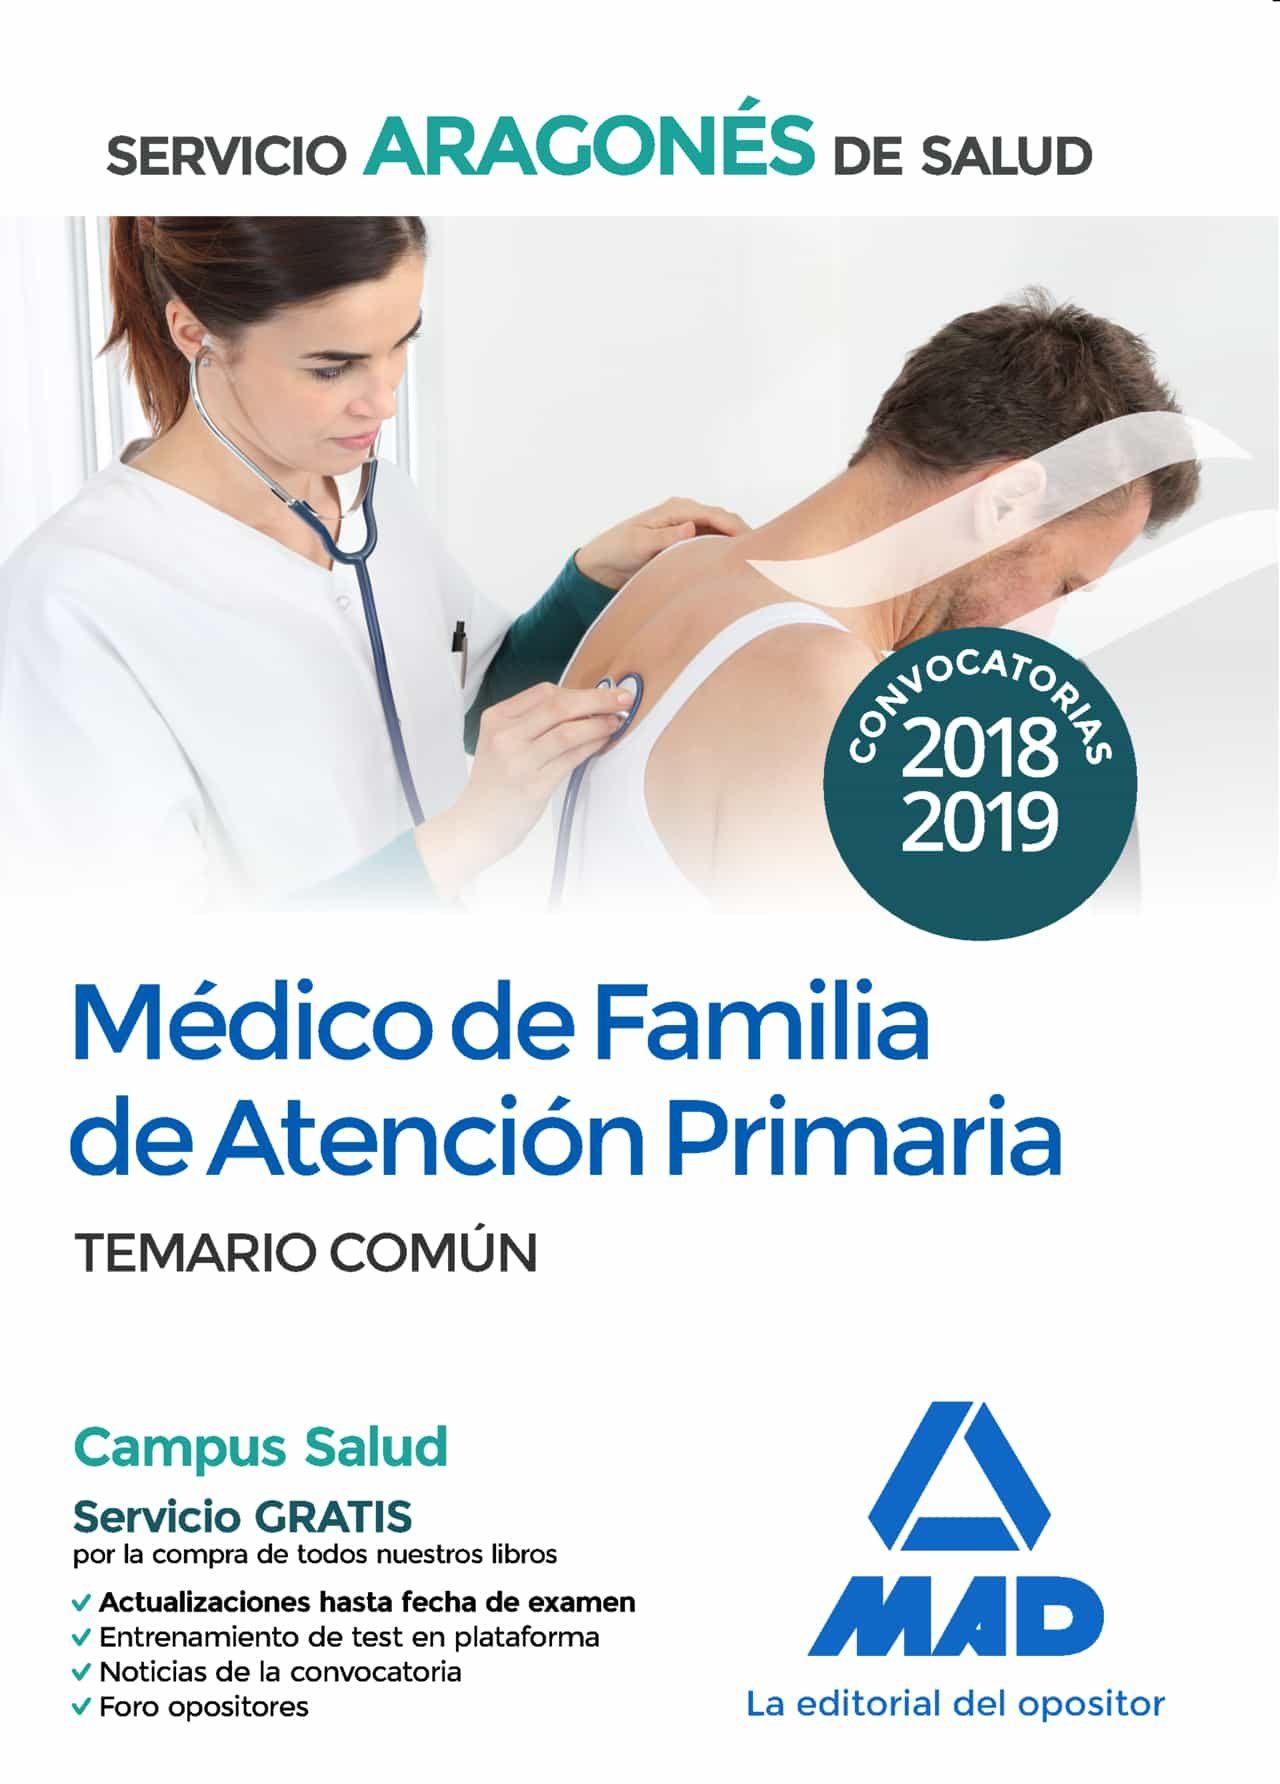 Médico De Familia De Atención Primaria Del Servicio Aragonés De Salud: Temario Comun por Vv.aa.